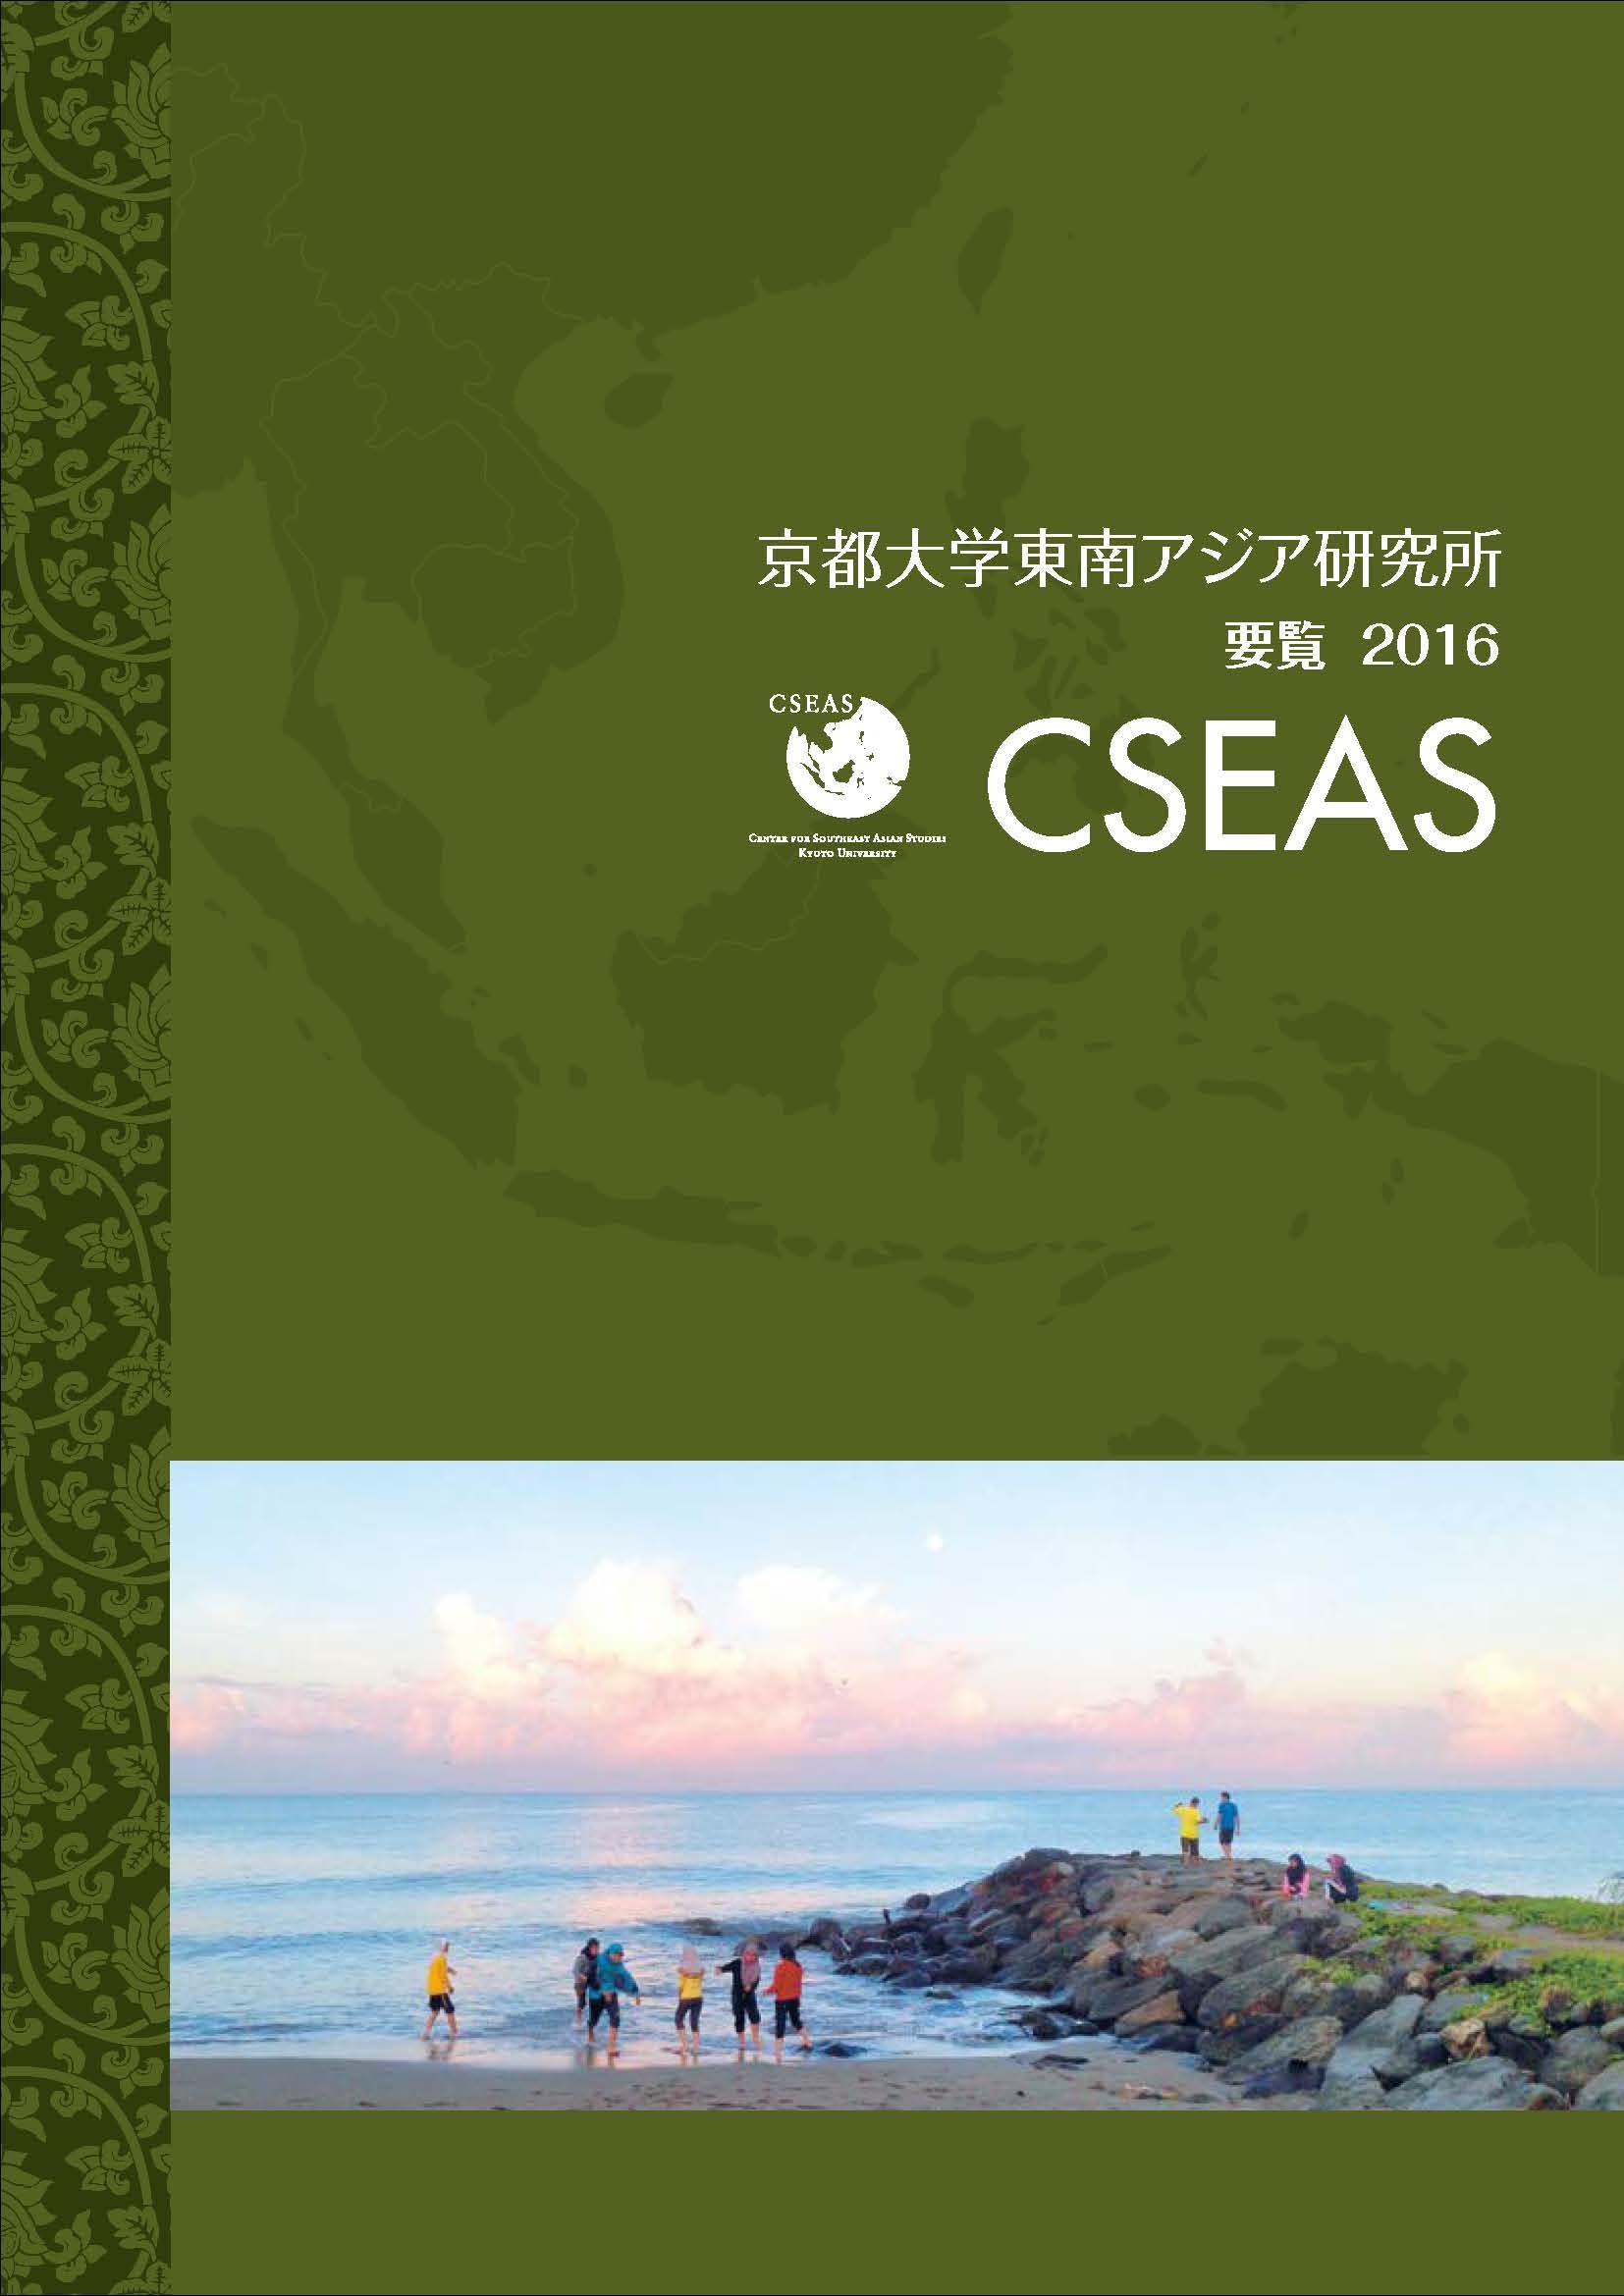 2016年度 和文要覧(CSEAS_Report)